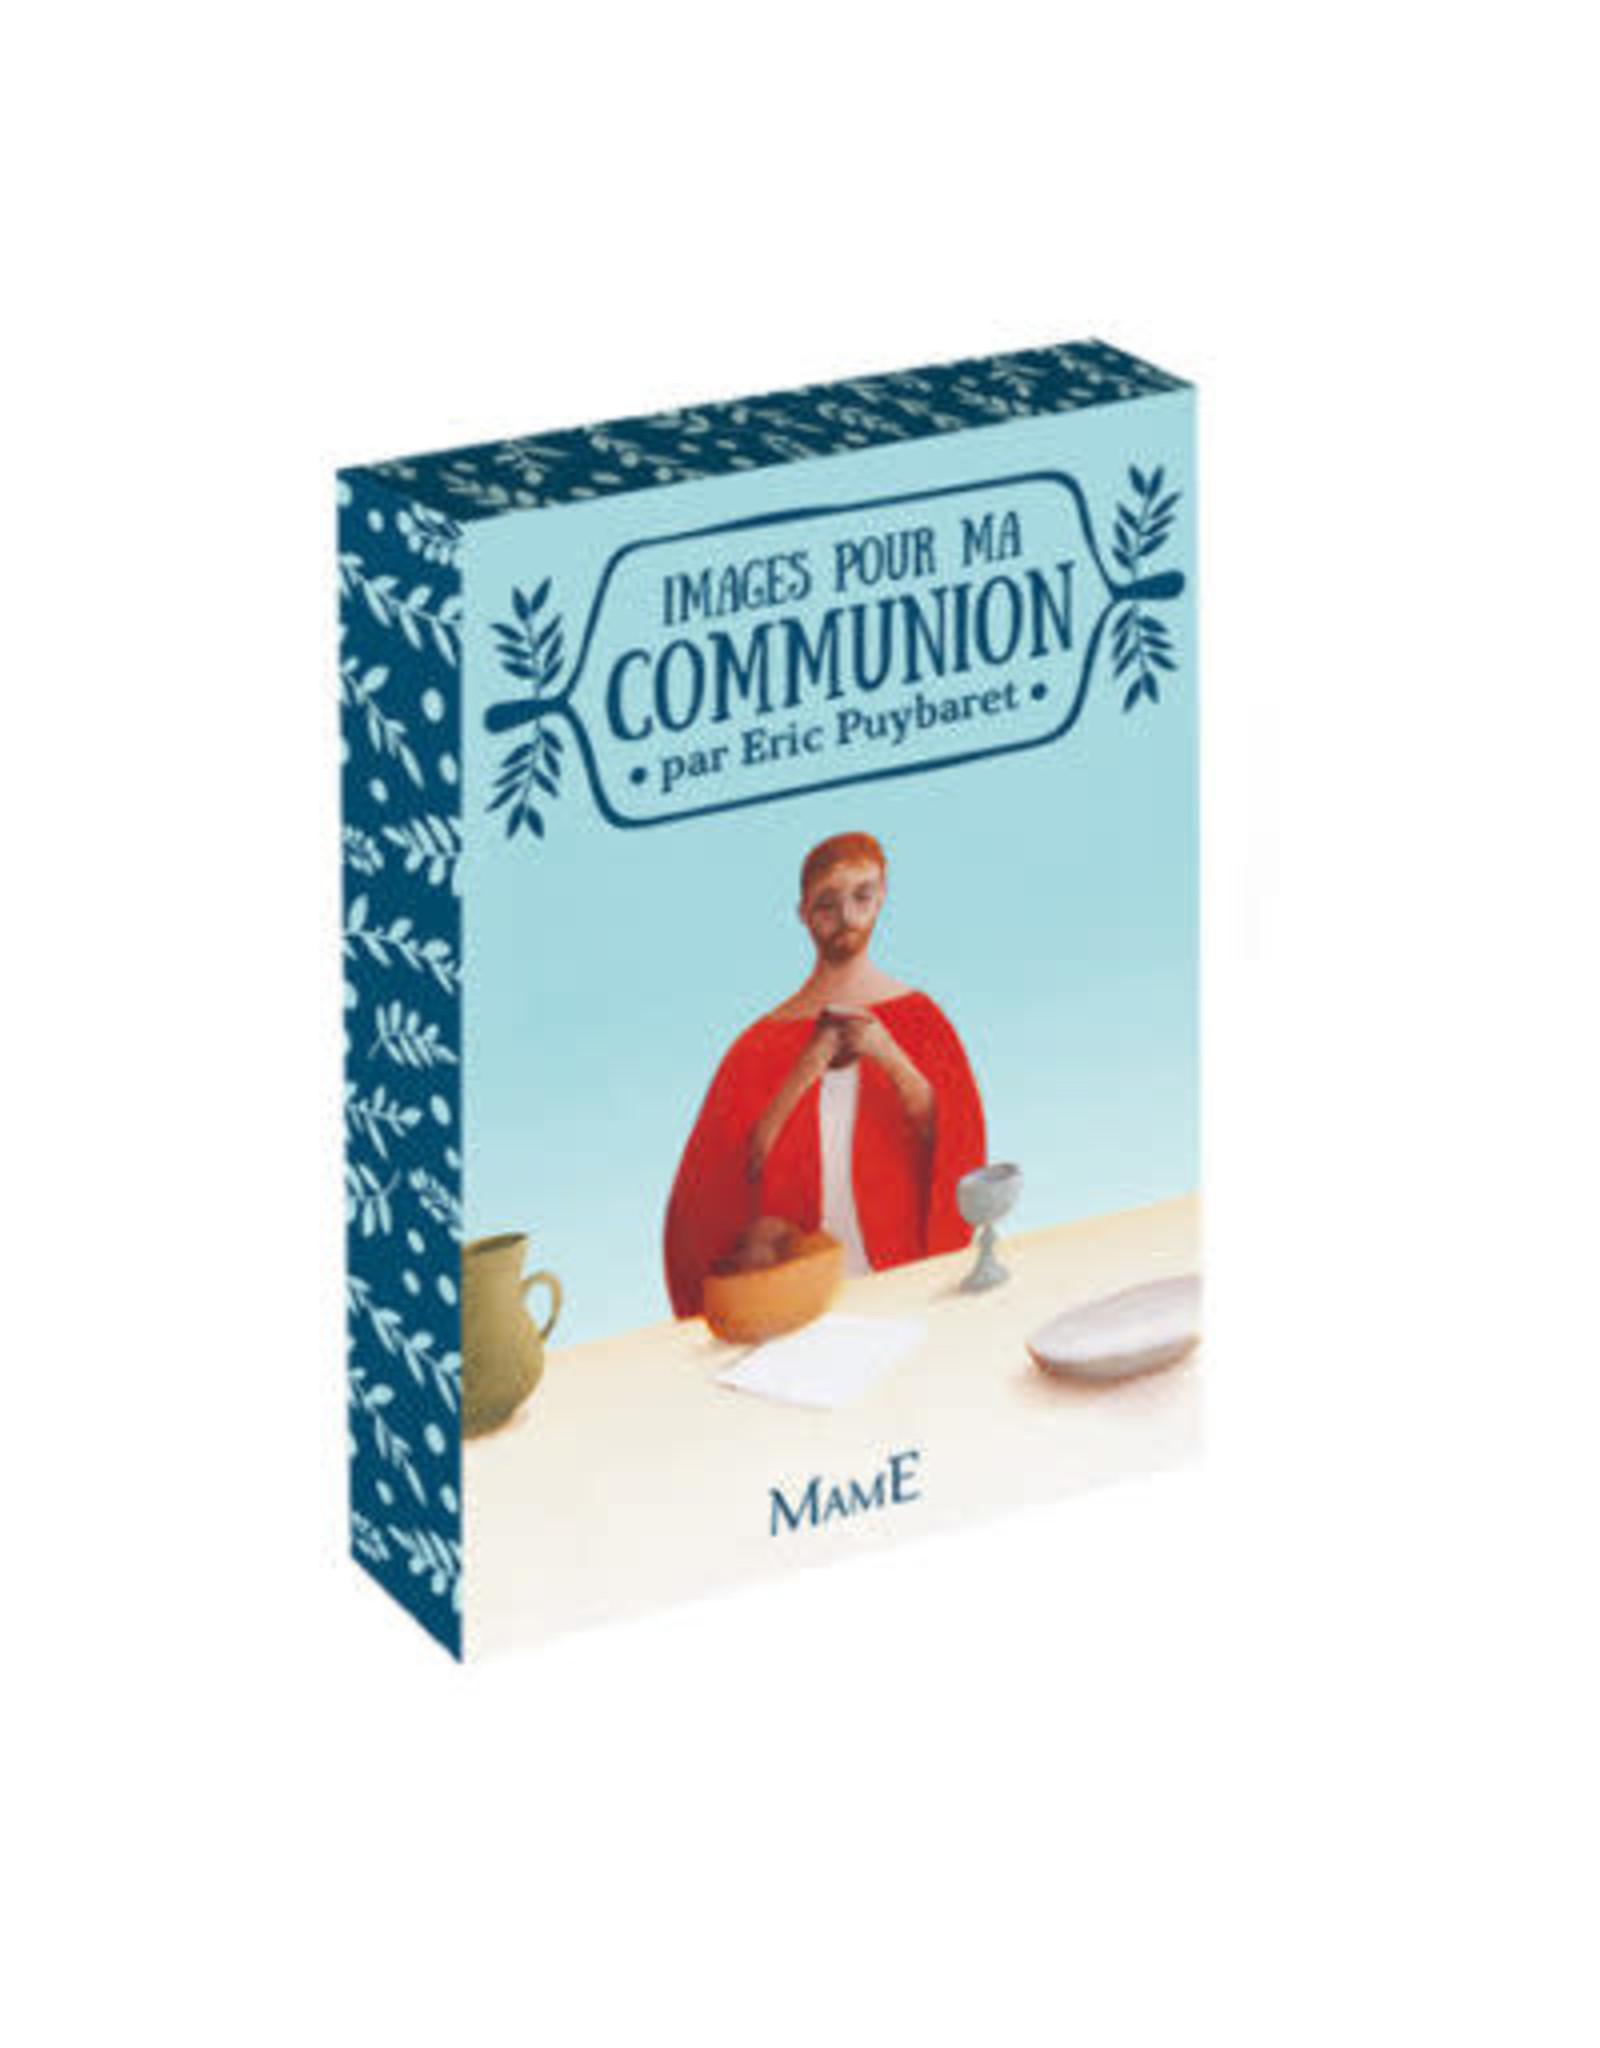 Mame Images pour ma communion (petites prières à offrir) 40 cartes prières